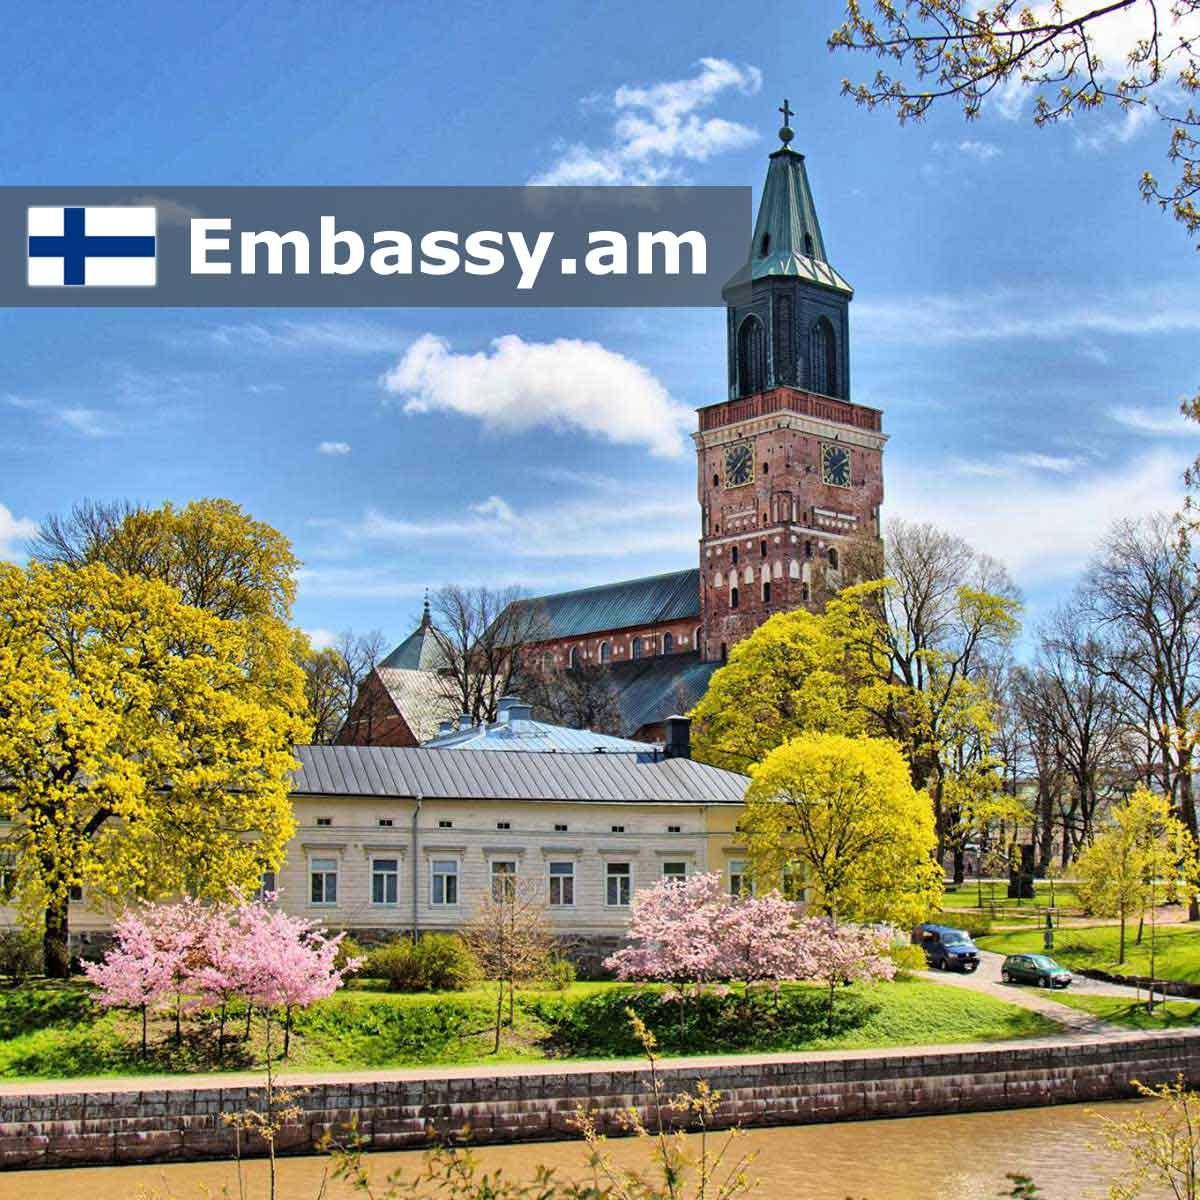 Турку - Отели в Финляндии - Embassy.am